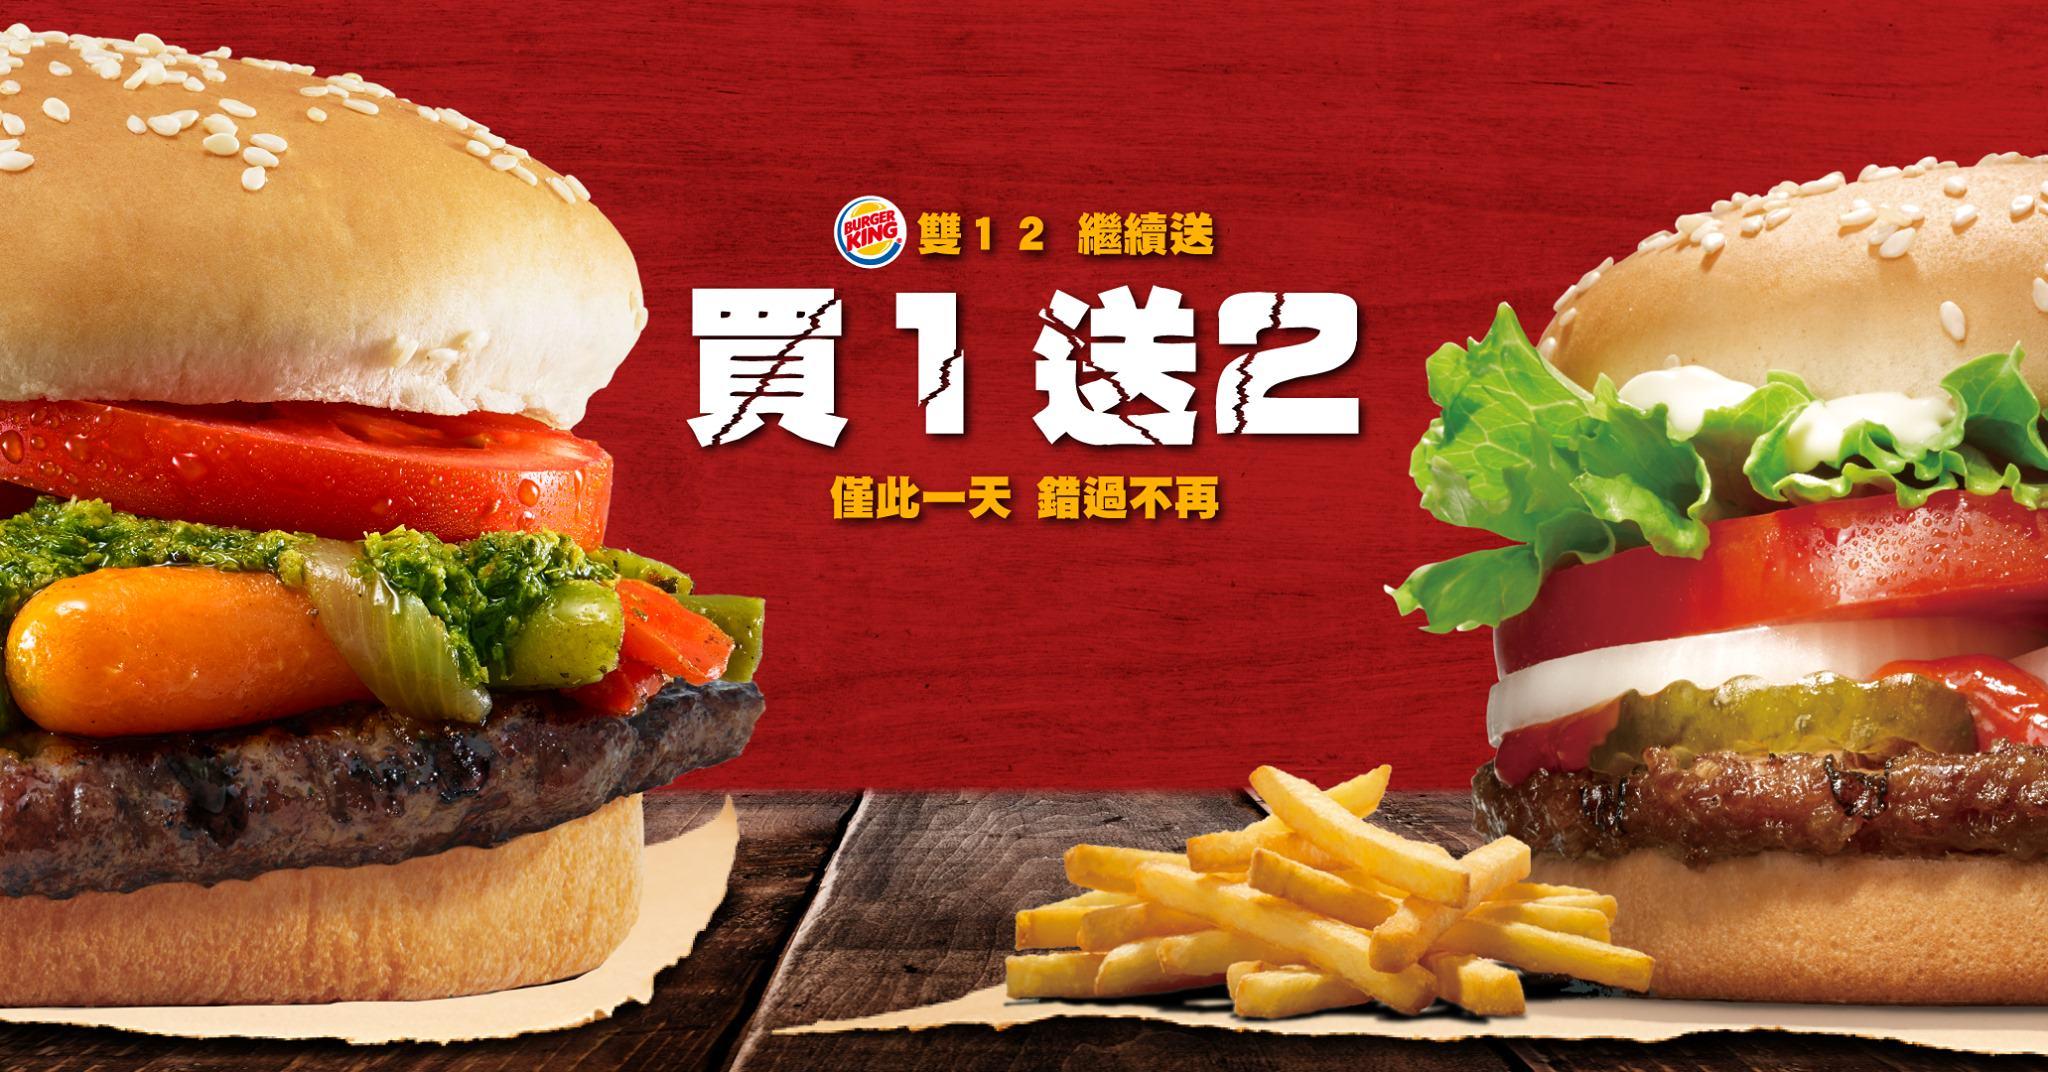 20191211105350 28 - 漢堡王雙12優惠來啦!只有一天,買一送二,送完為止,揪團吃華堡!